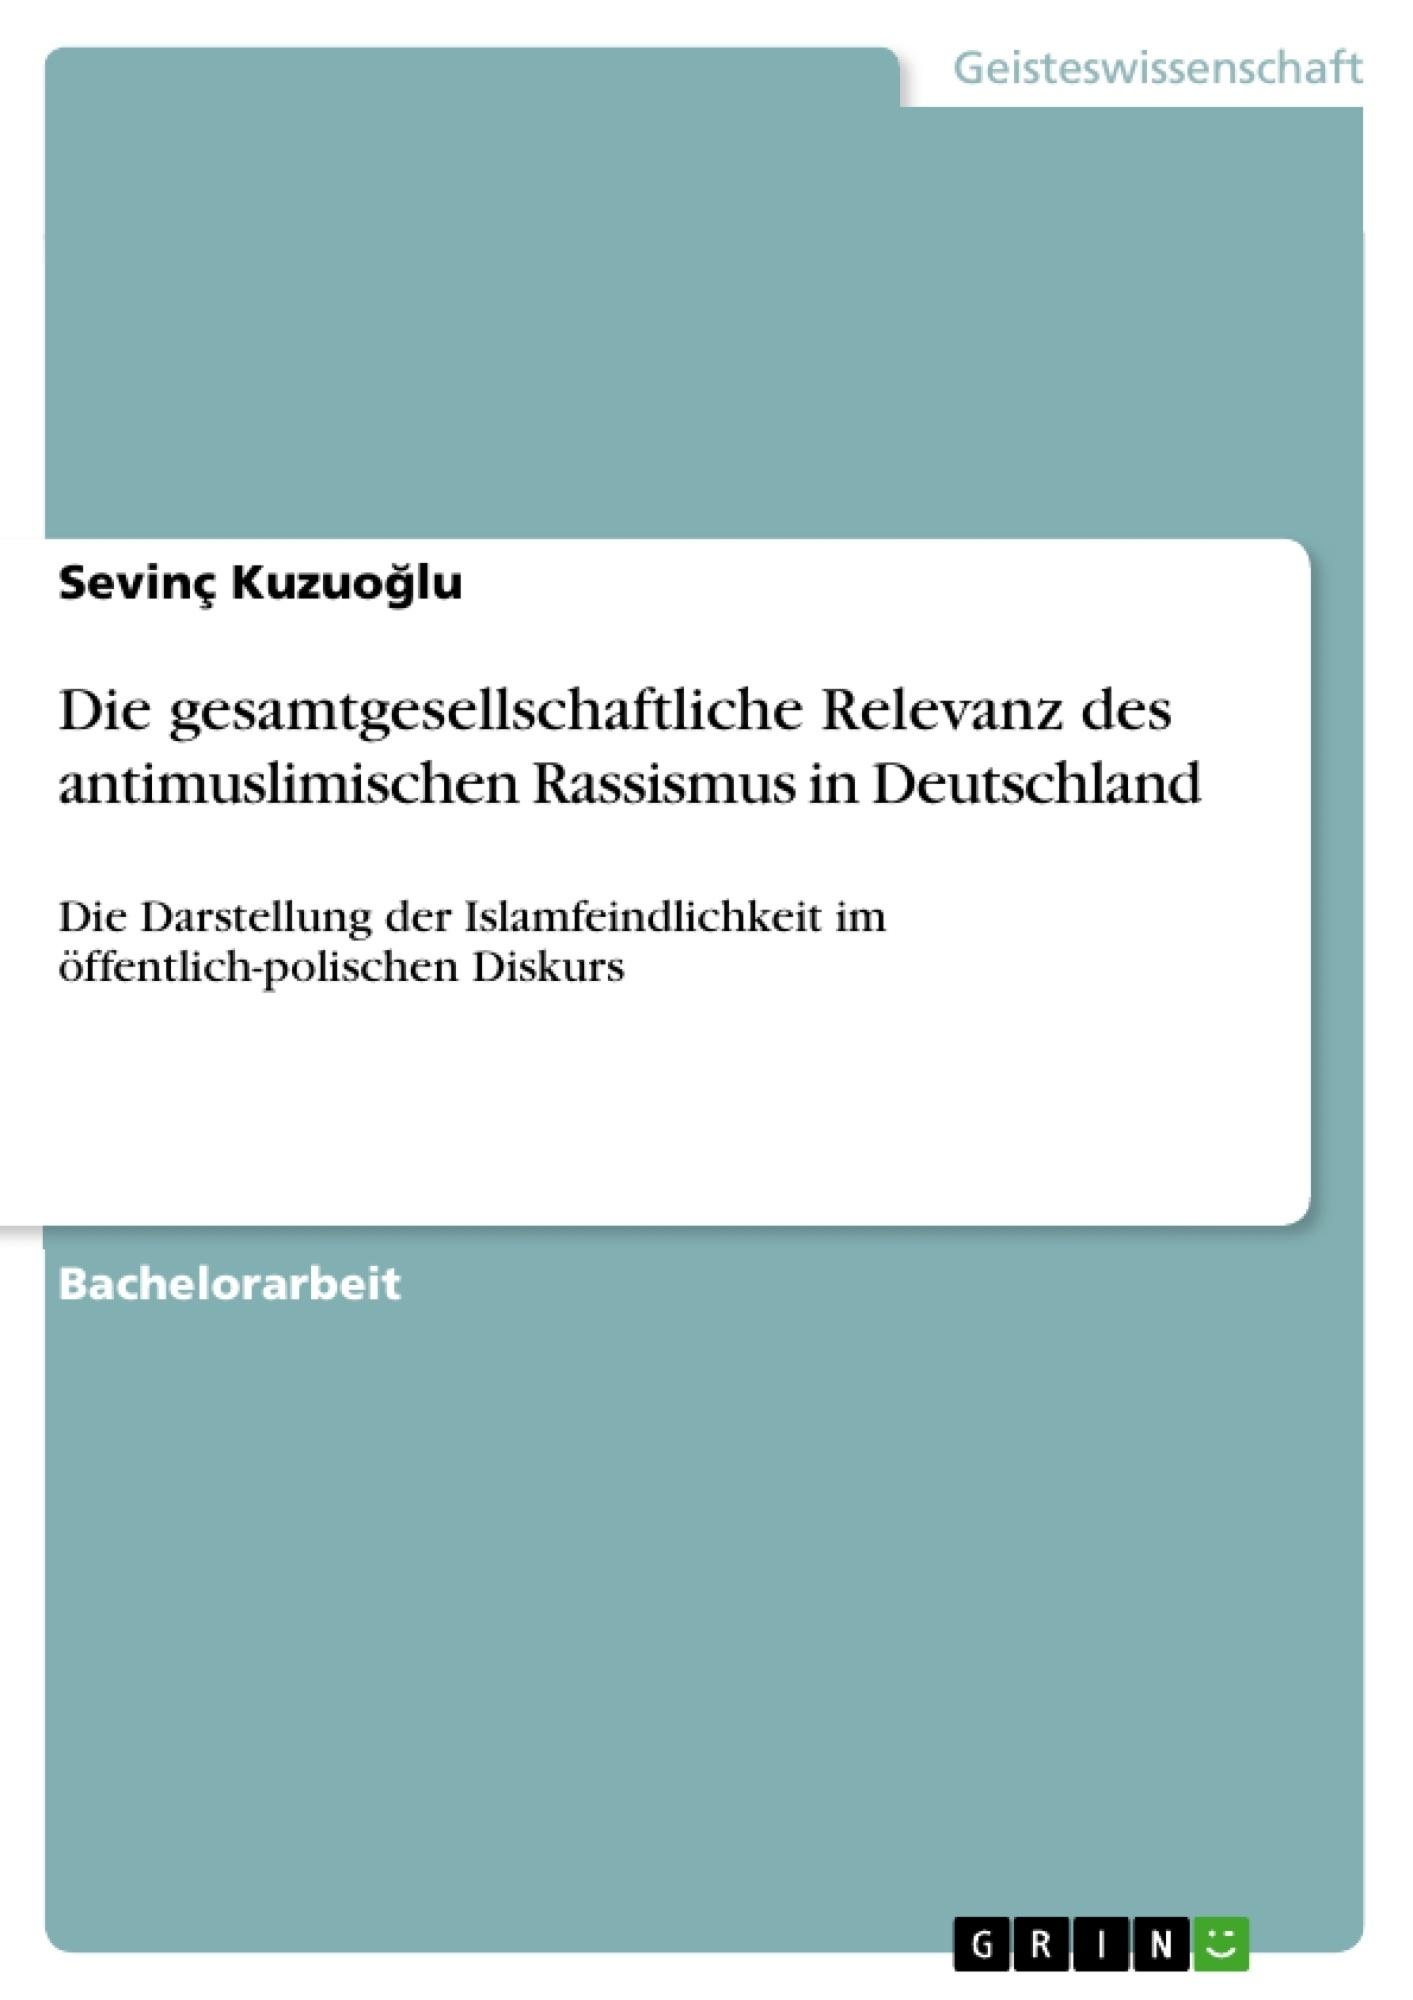 Titel: Die gesamtgesellschaftliche Relevanz des antimuslimischen Rassismus in Deutschland